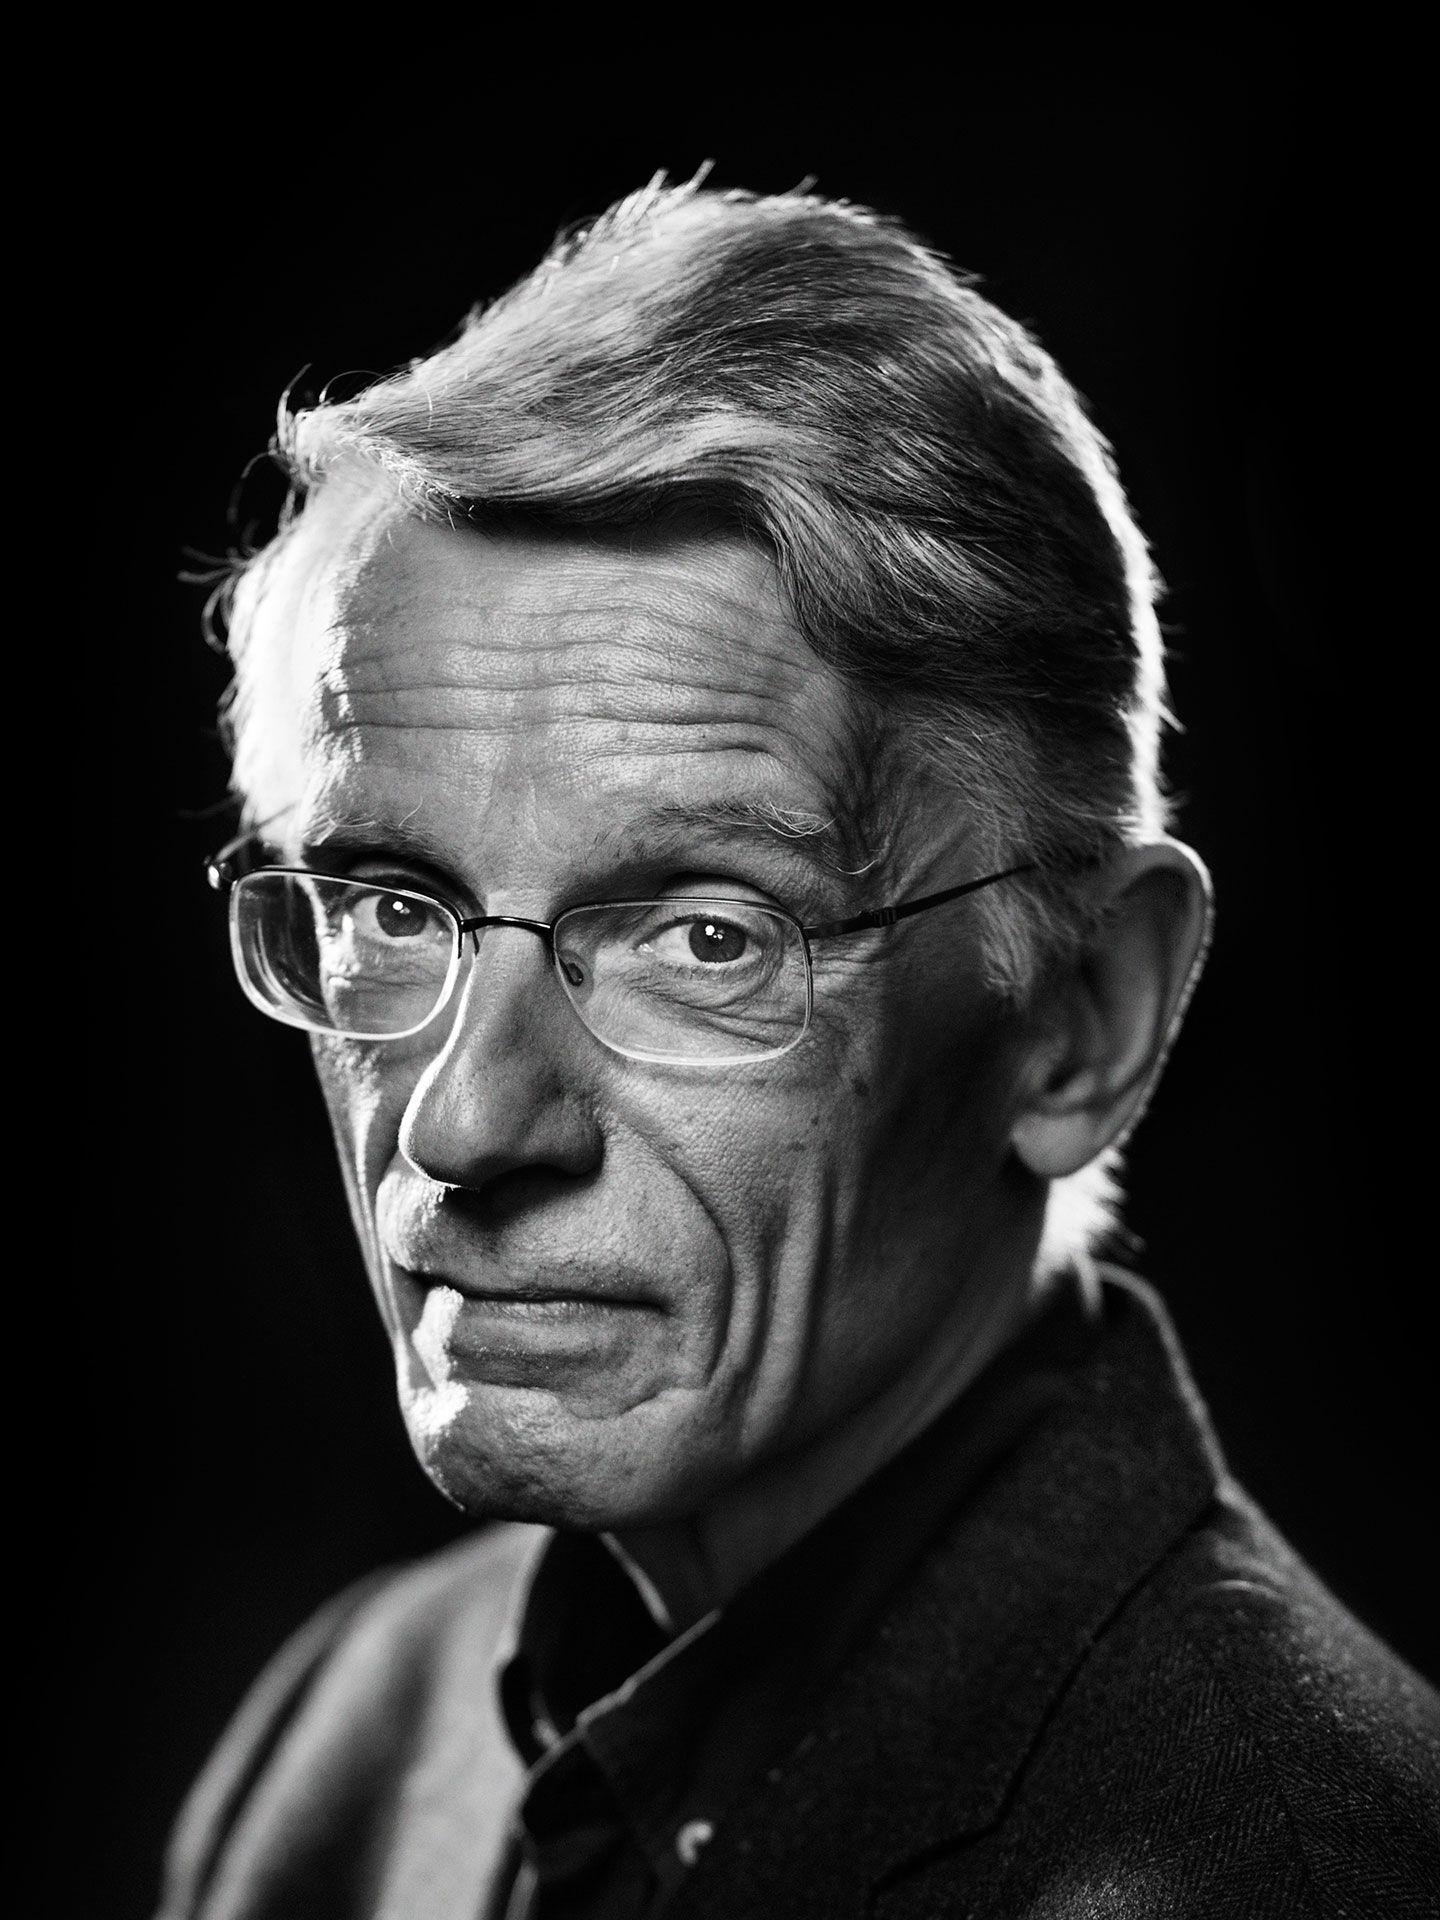 Portrait noir et blanc de Bernard Emond par Jocelyn Michel.